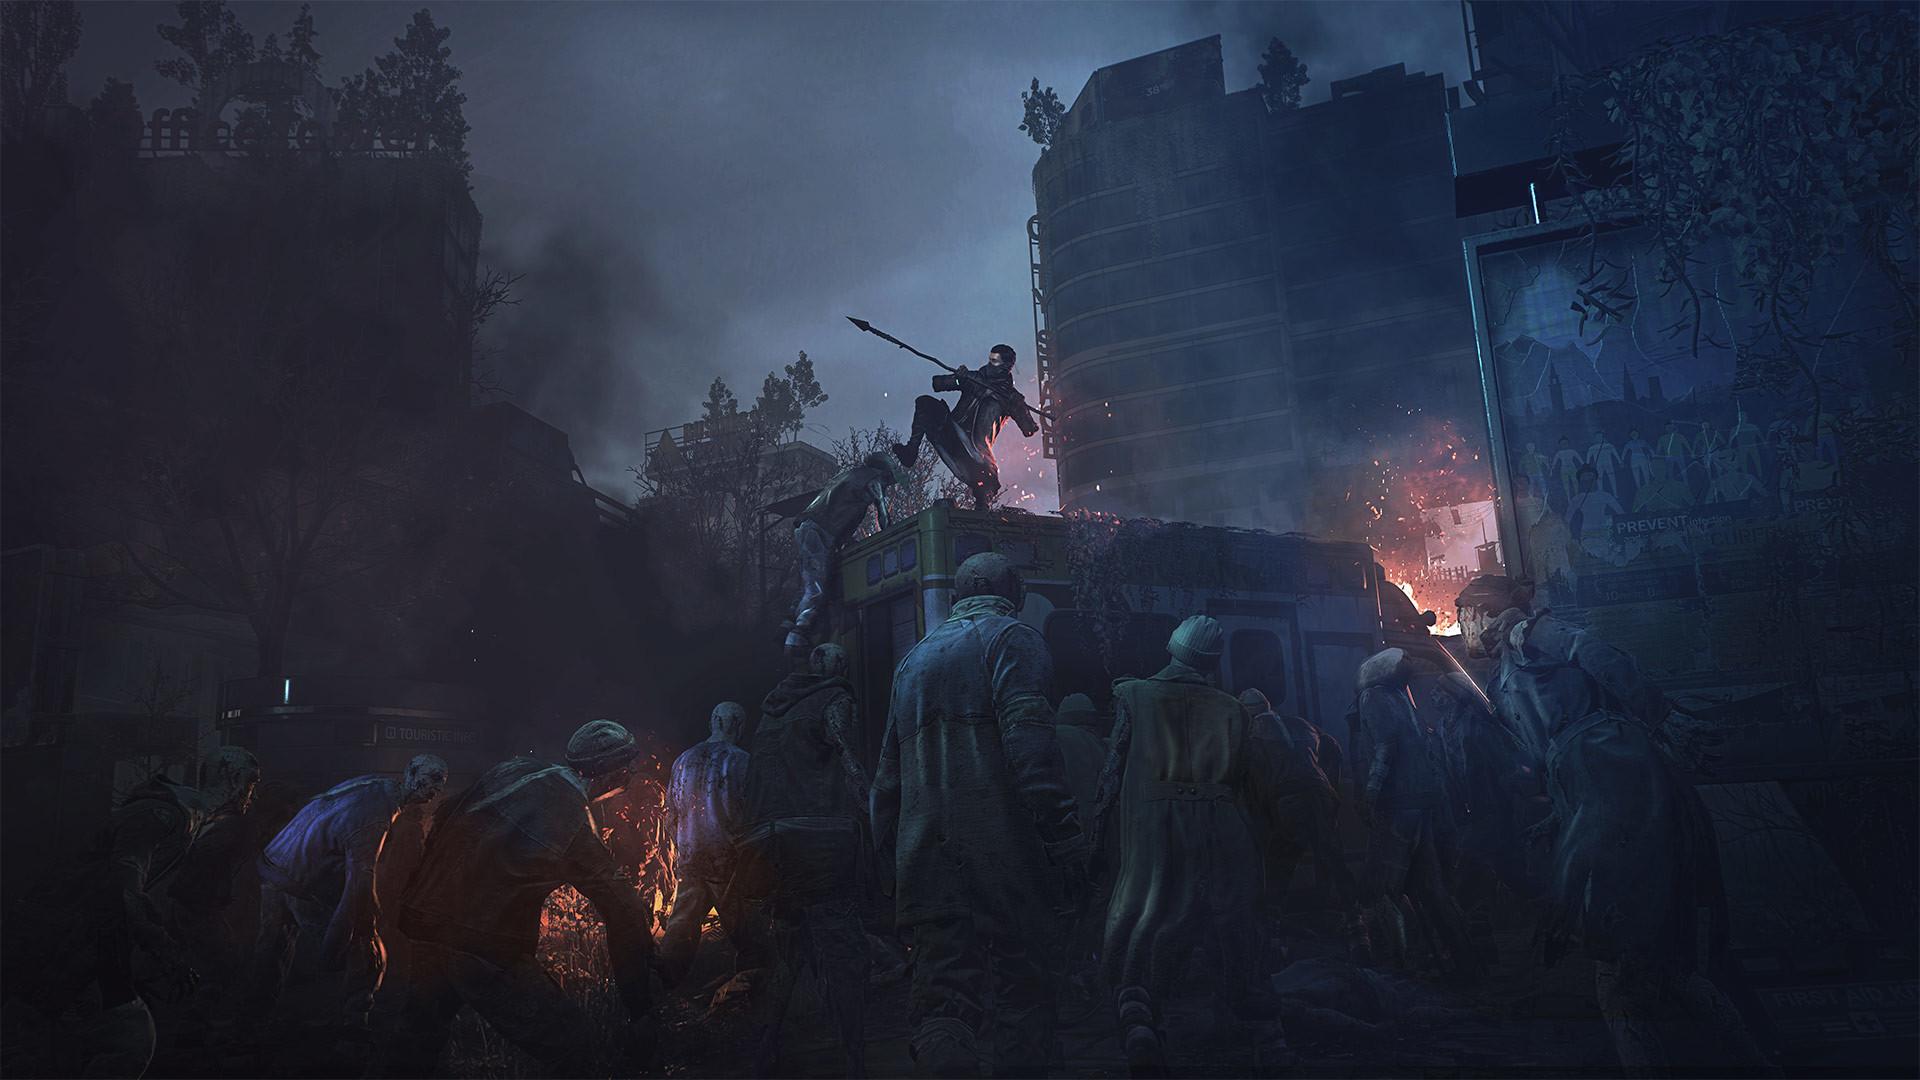 《消逝的光芒2》玩法情报公开 跑酷升级自由度提升